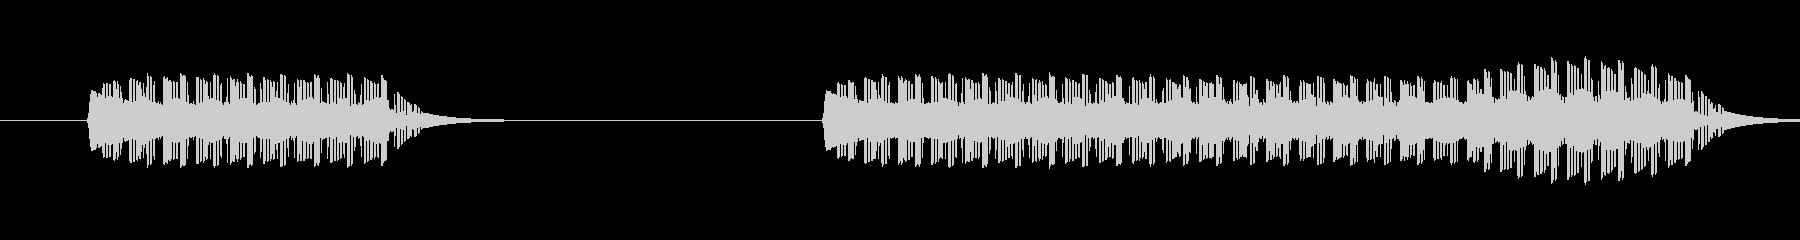 ゲーム、クイズ(ブー音)_013の未再生の波形